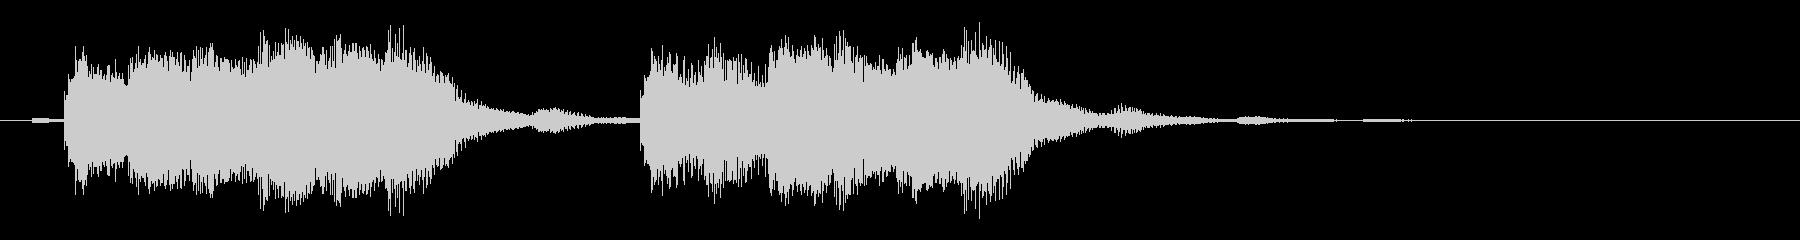 タイムオーバー、アラーム音の未再生の波形